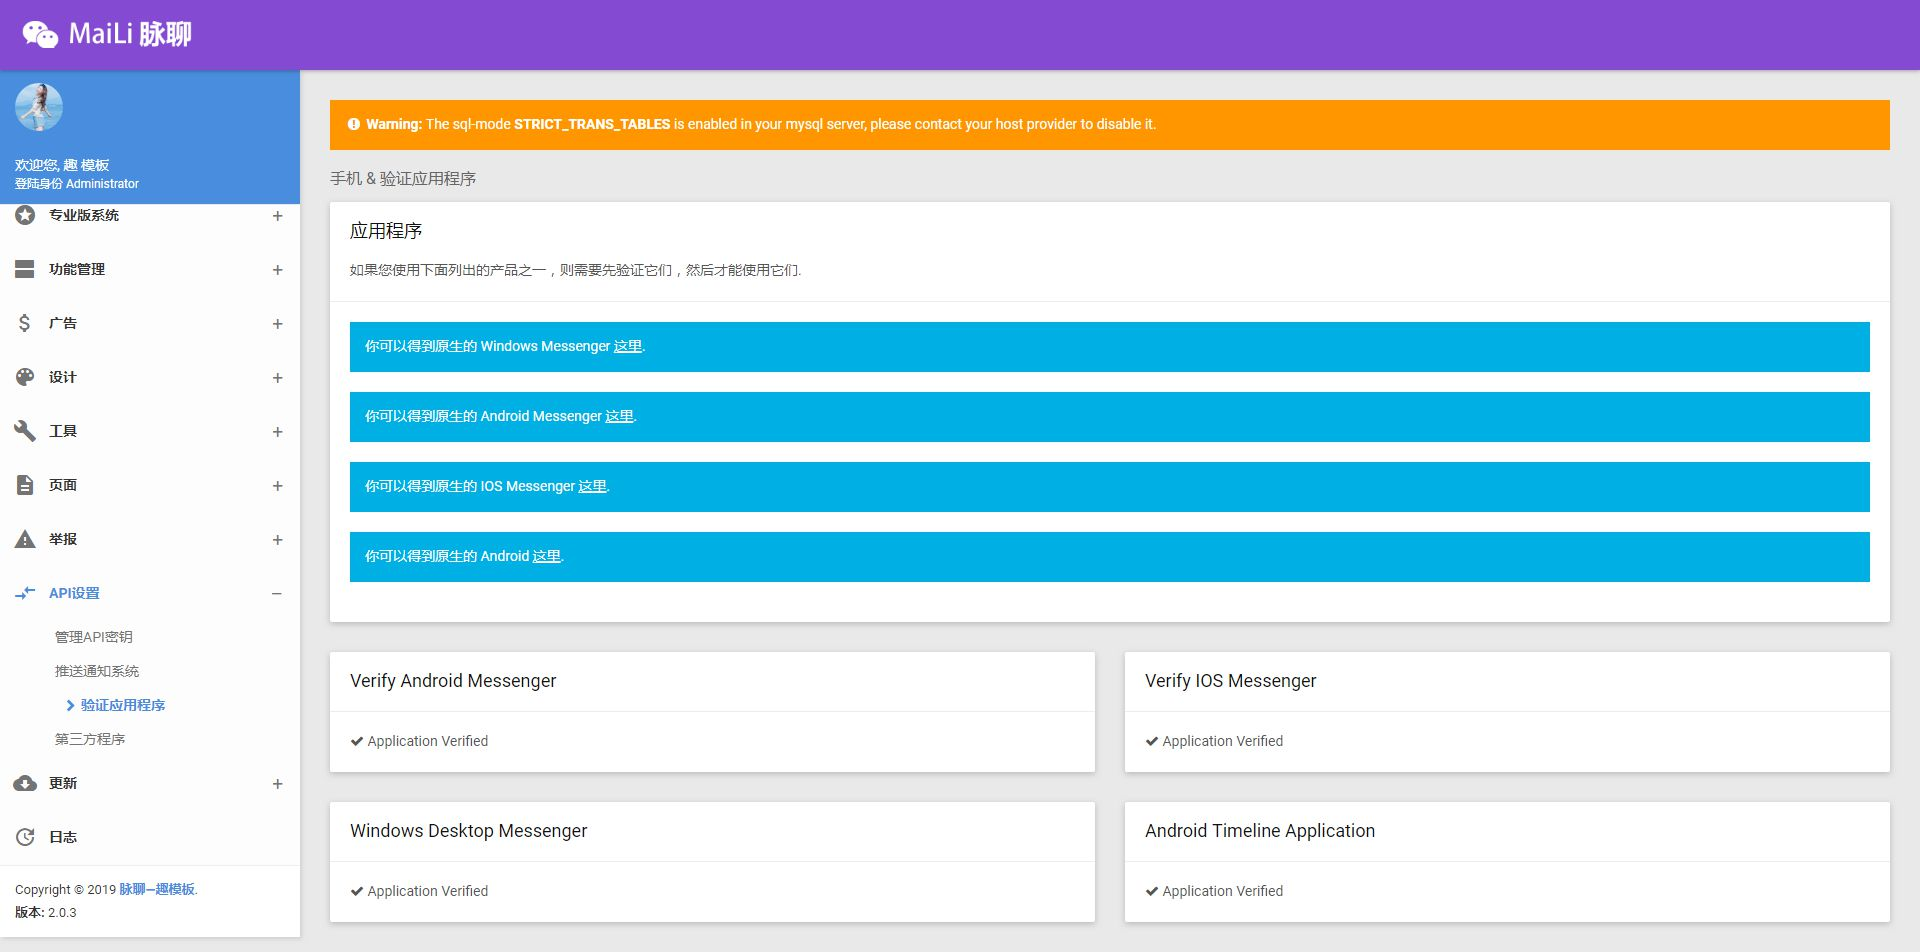 脉聊社交网站源码类似微博的社交源码 模板UI非常漂亮自适应手机版 重点是有原生APP 终身会员专享 第17张